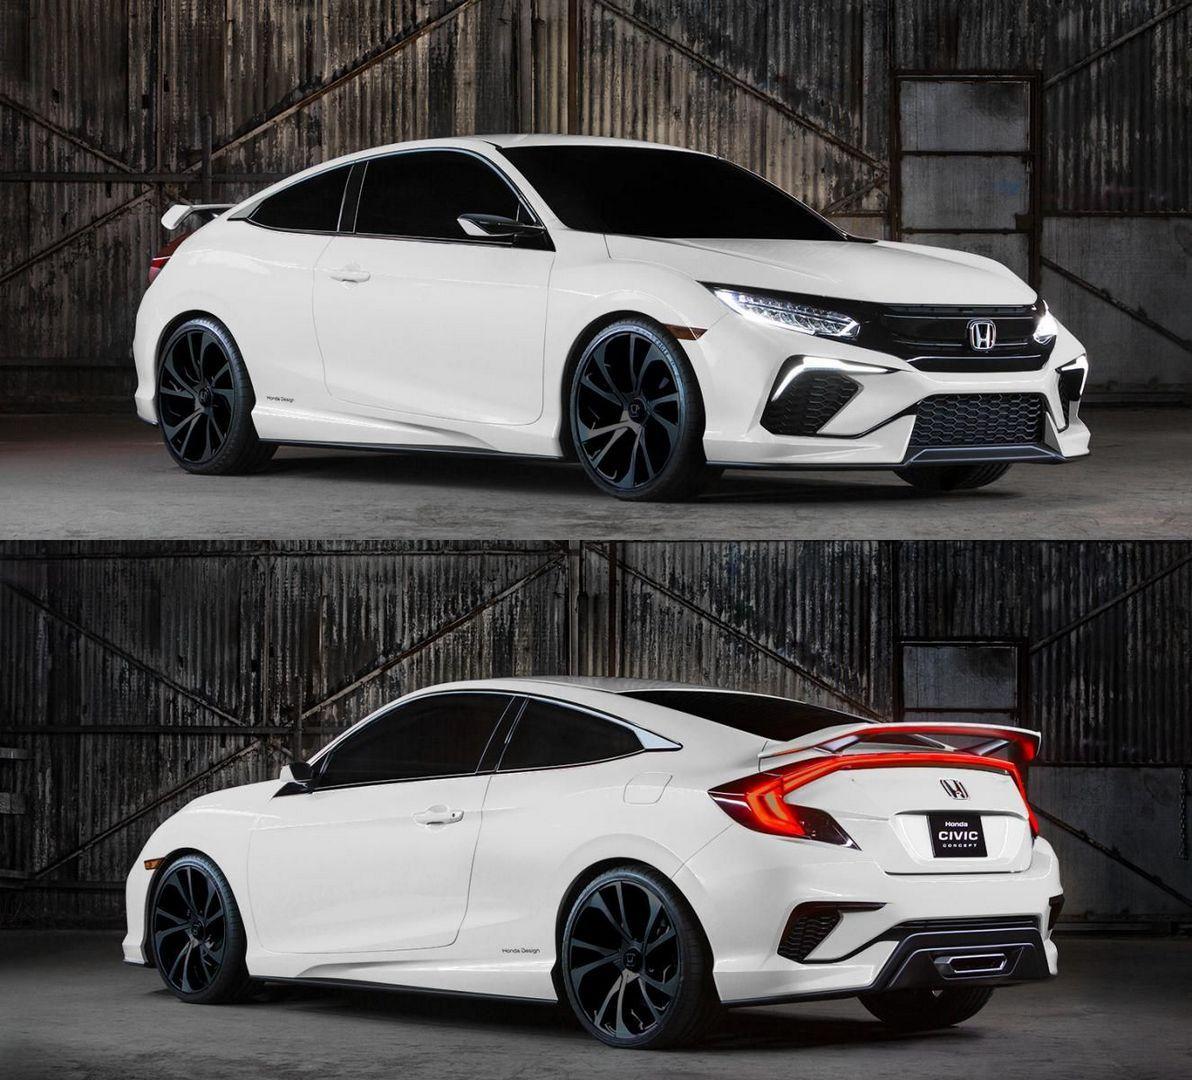 Honda Civic Photography Ideas 19 Paijo Network Honda Civic Honda Civic 2016 Honda Civic Si Coupe